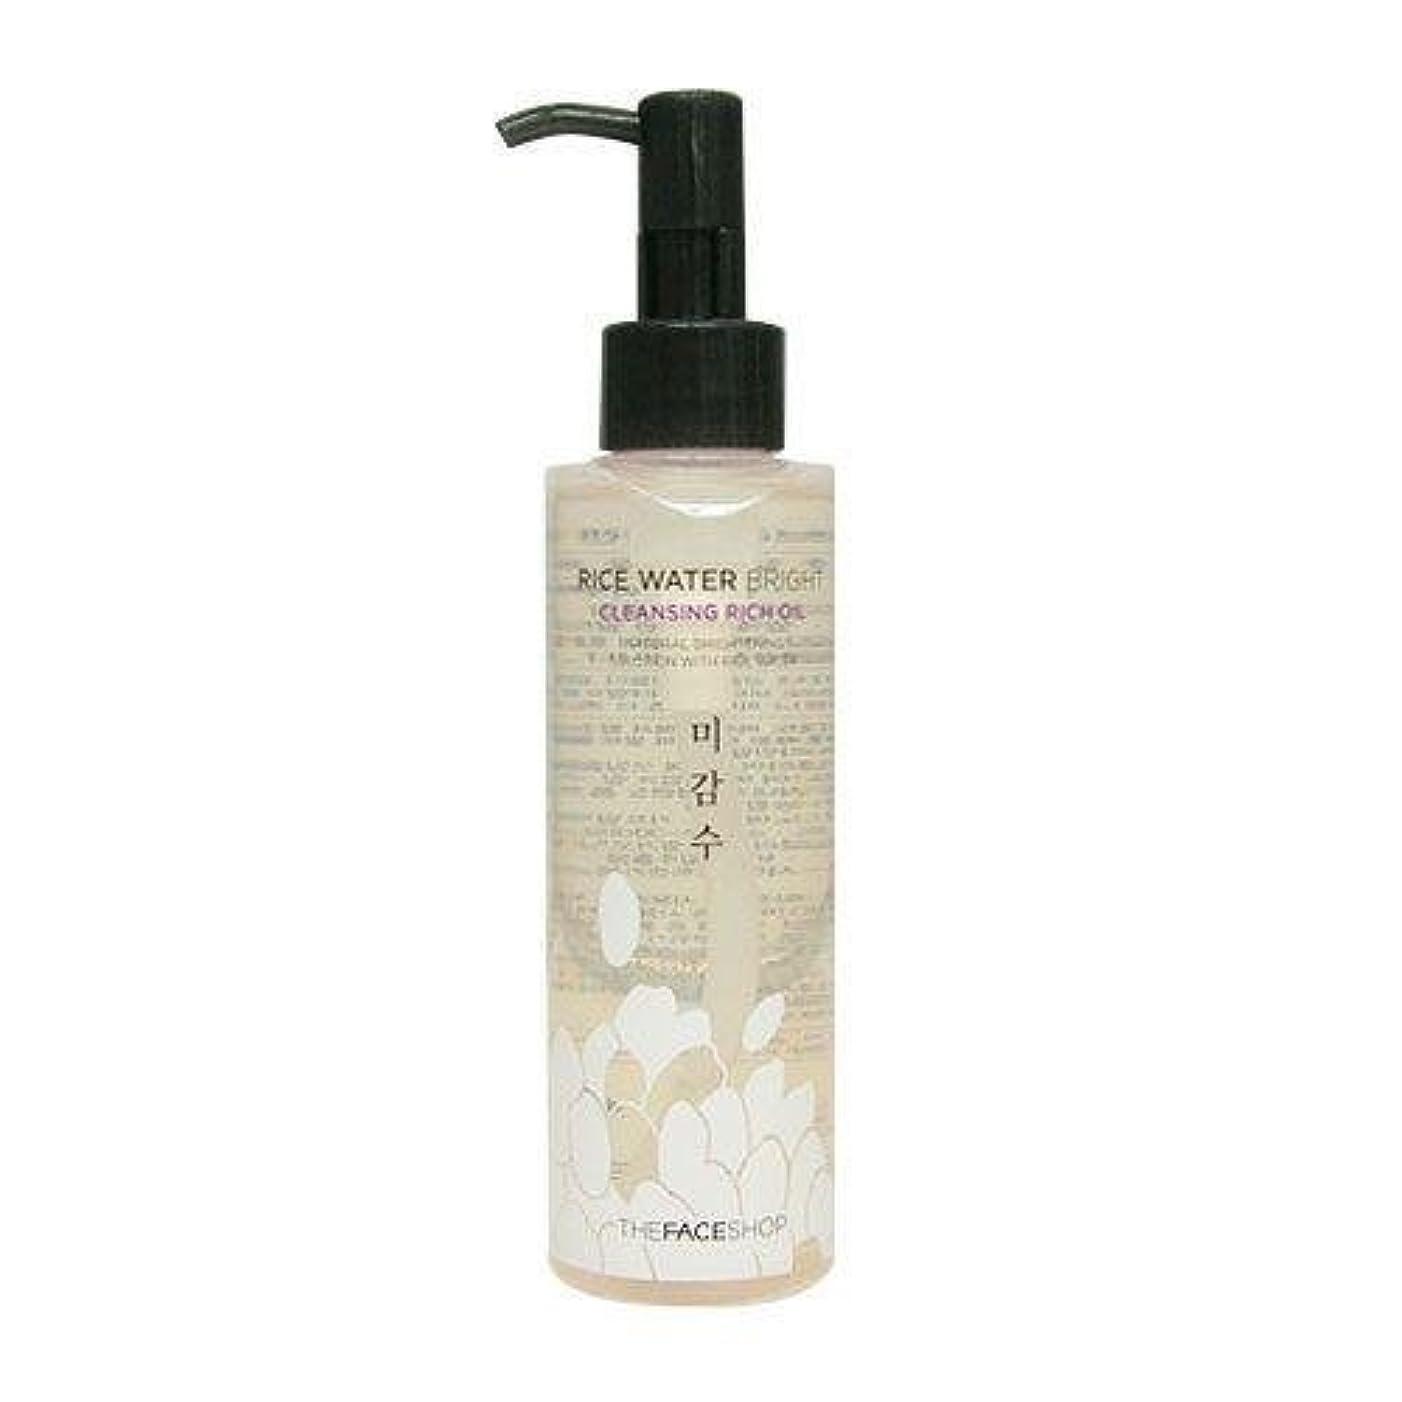 クッションパイプライン艶The Face Shop Rice Water Bright Cleansing Rich Oil (Dry Skin) (Korean original)